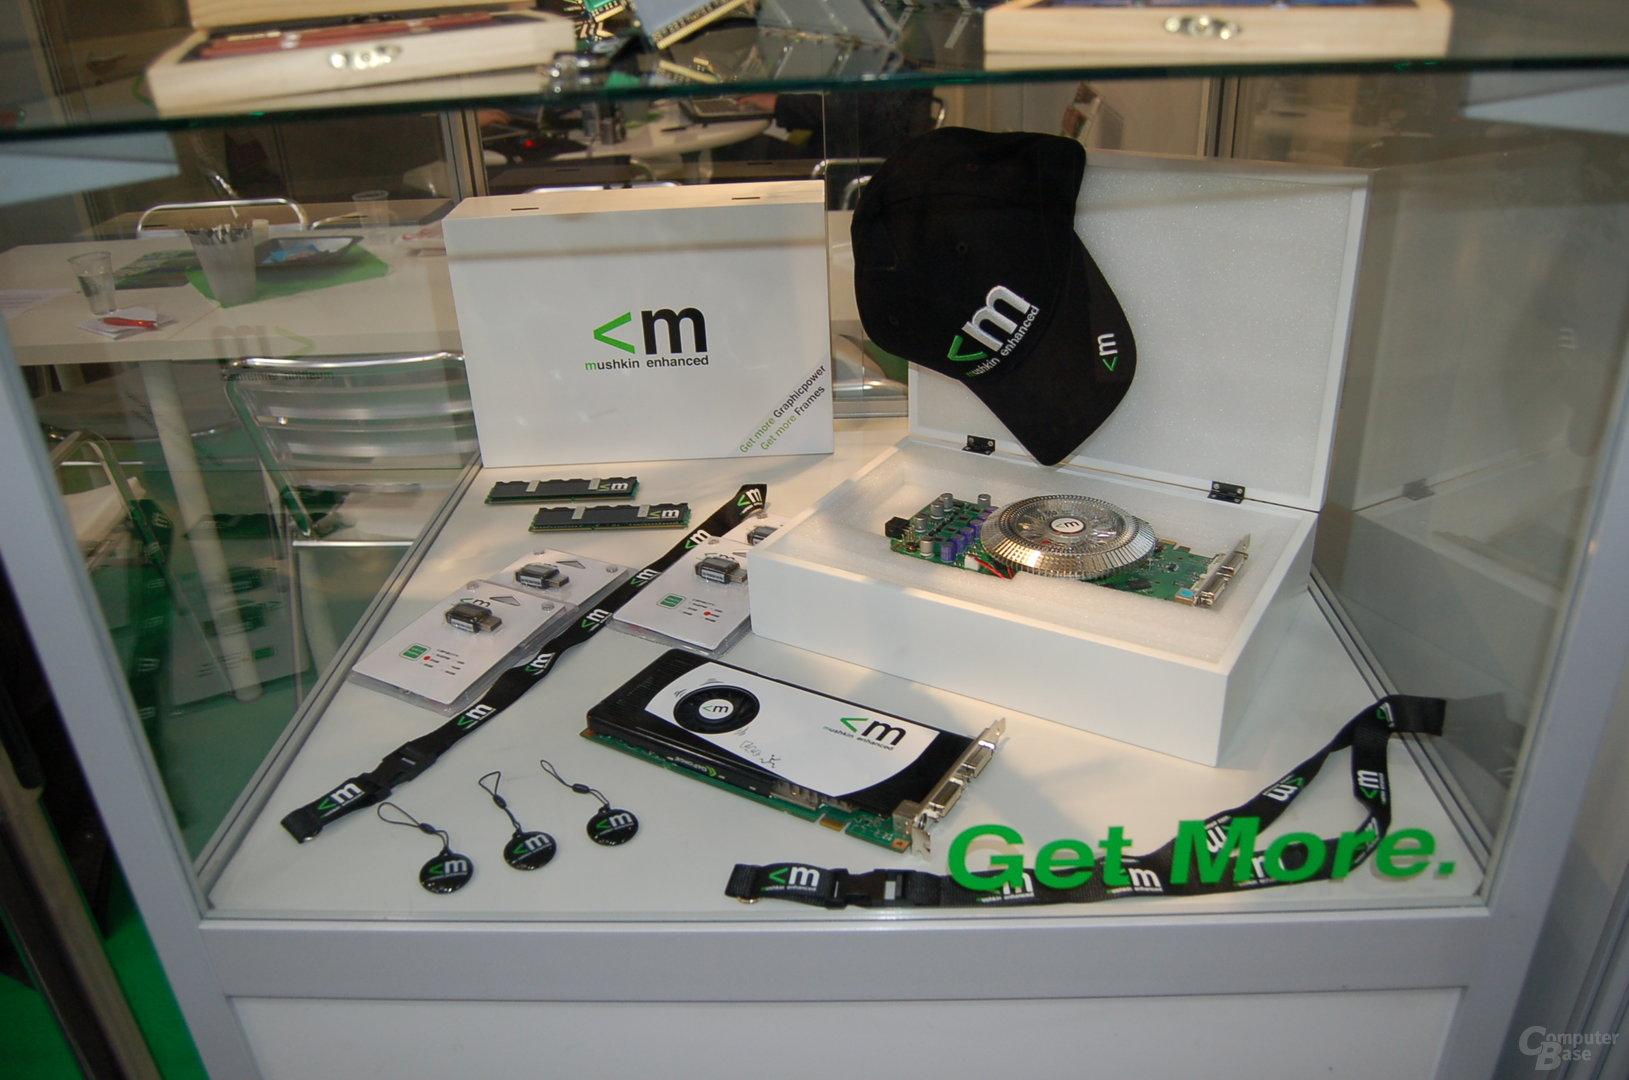 Grafikkarten und USB-Sticks von Mushkin